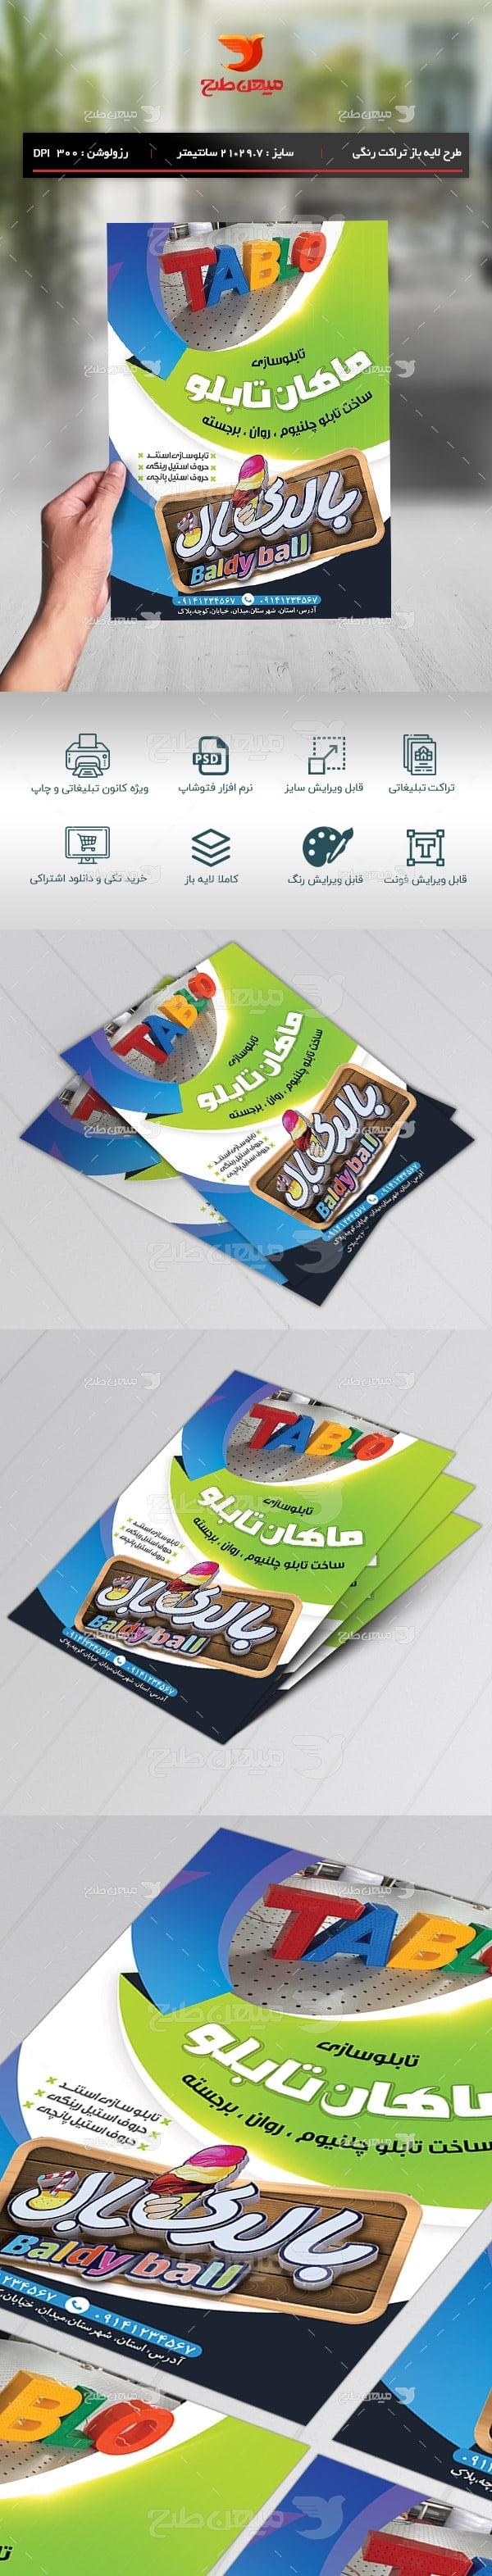 طرح لایه باز تراکت رنگی فروشگاه تابلو سازی